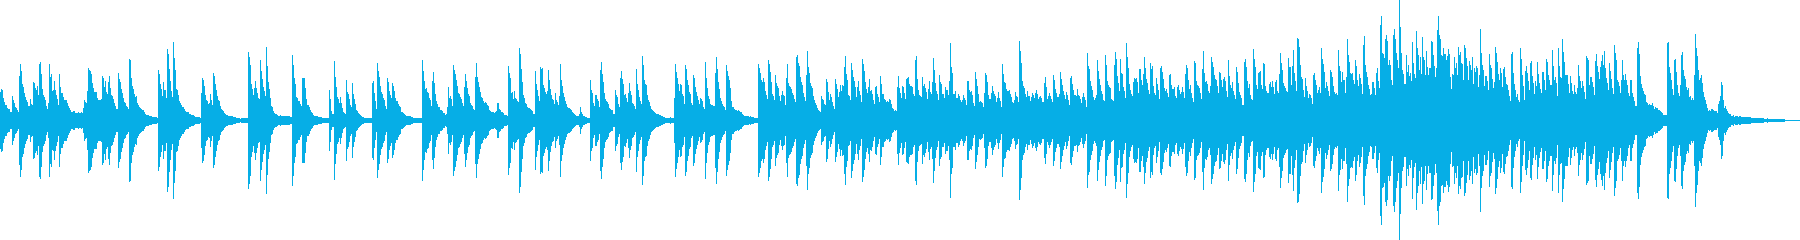 希望のピアノバラード(爽やか・優しい)の再生済みの波形